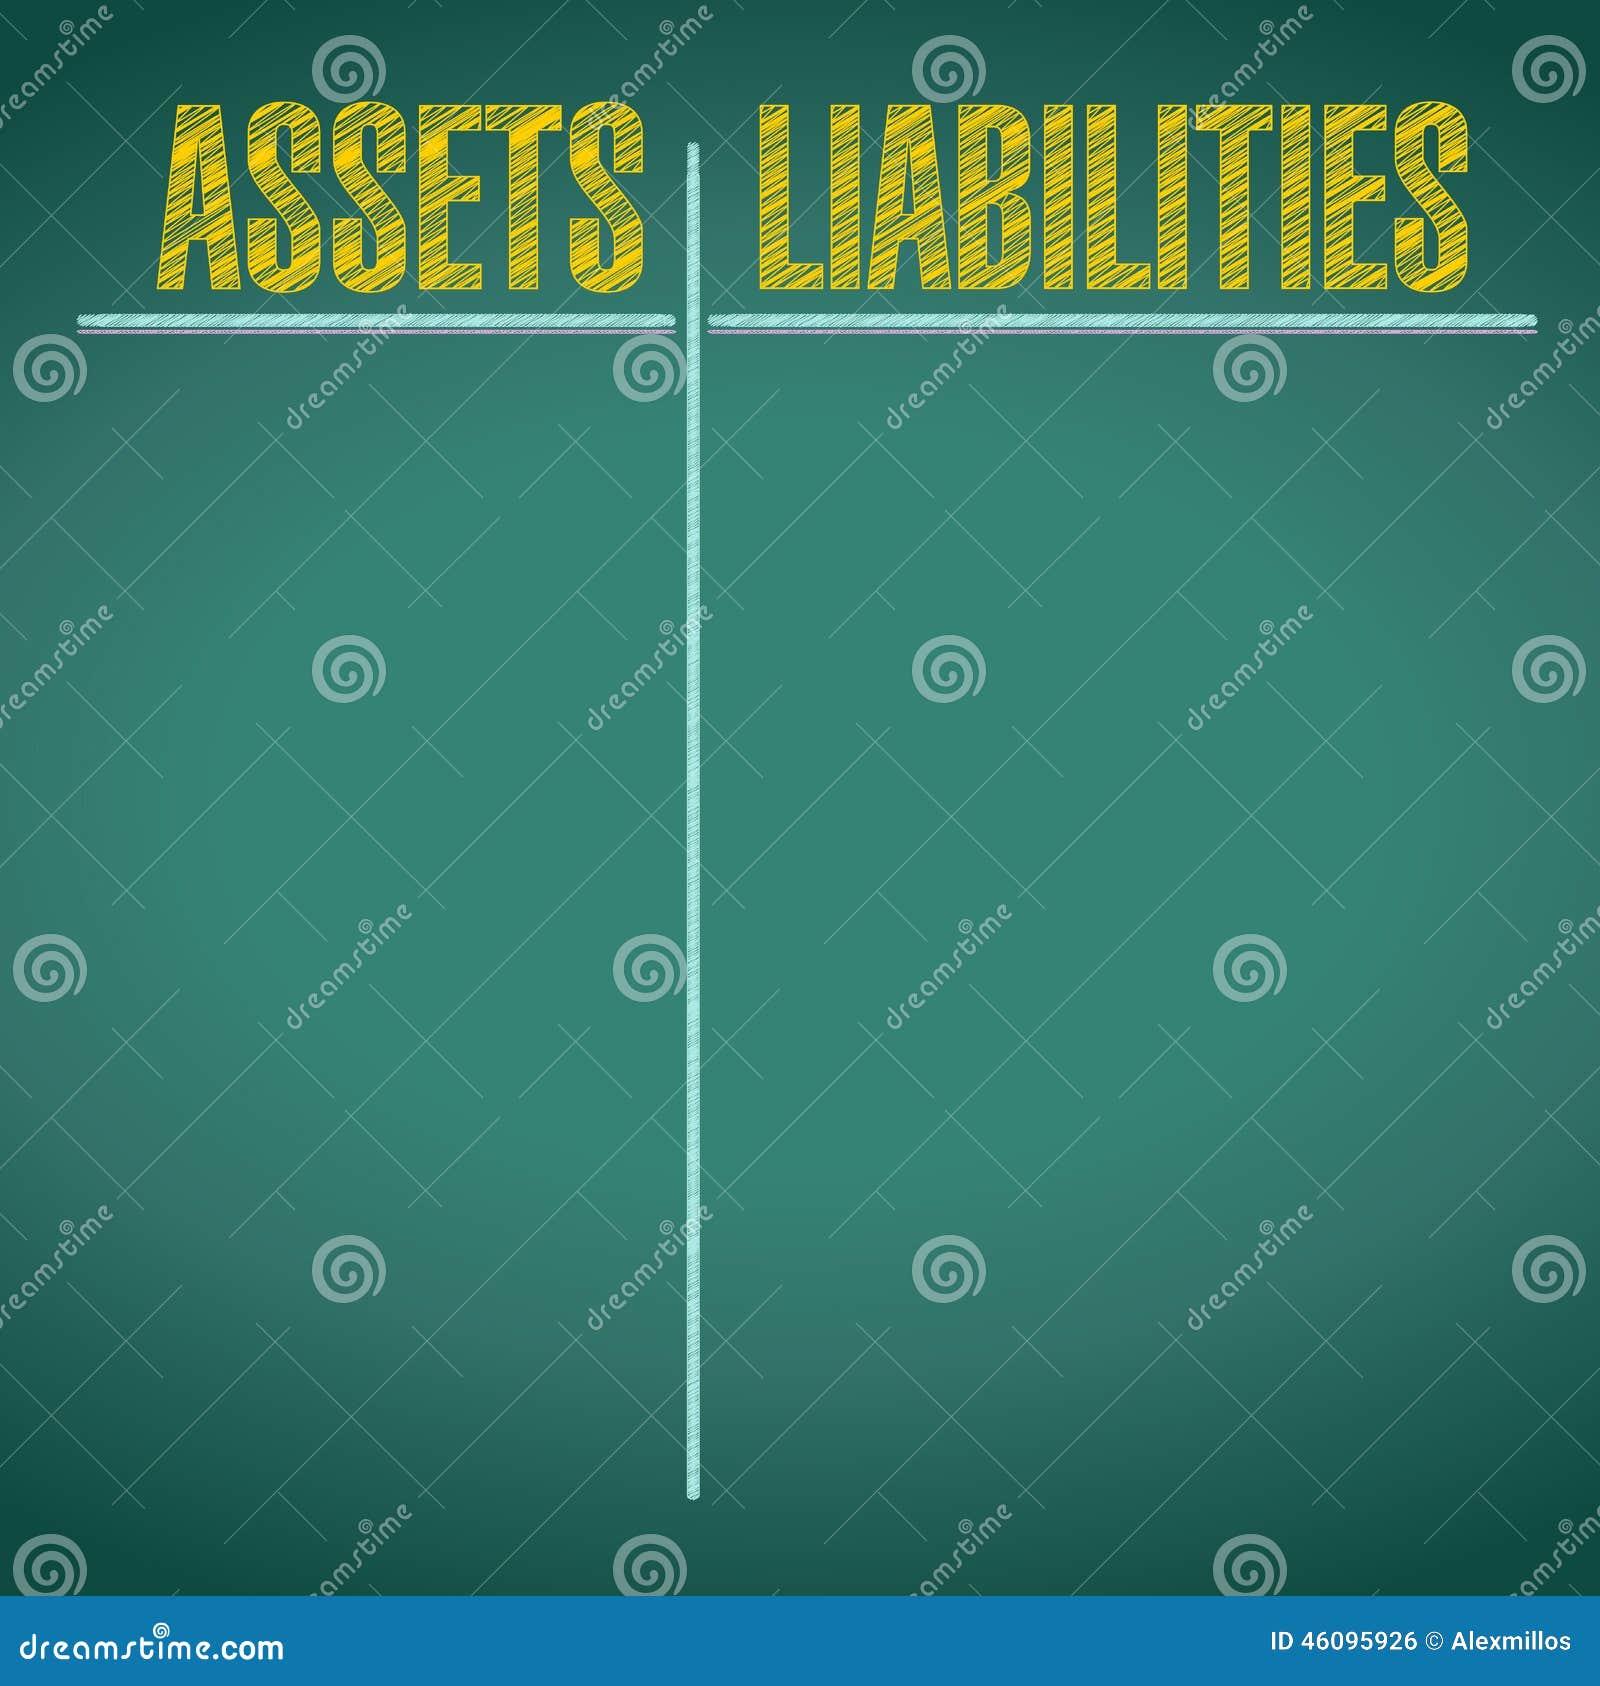 Профи актива и пассива - и - жулики